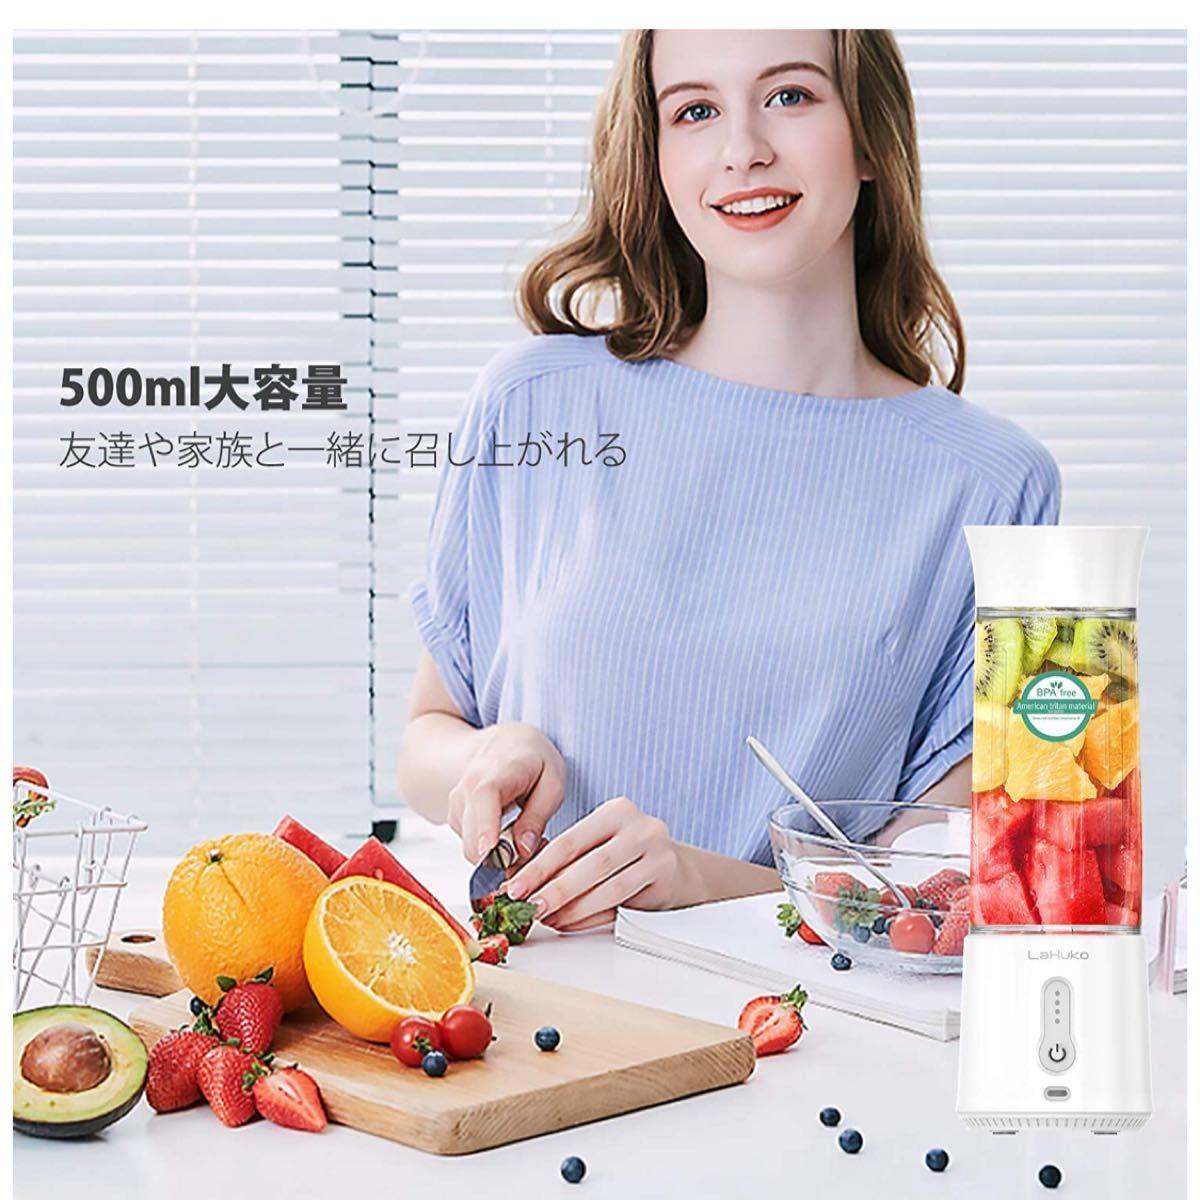 ミキサー ジューサー  USB充電式  500ml ブレンダー ハンドミキサー 静音